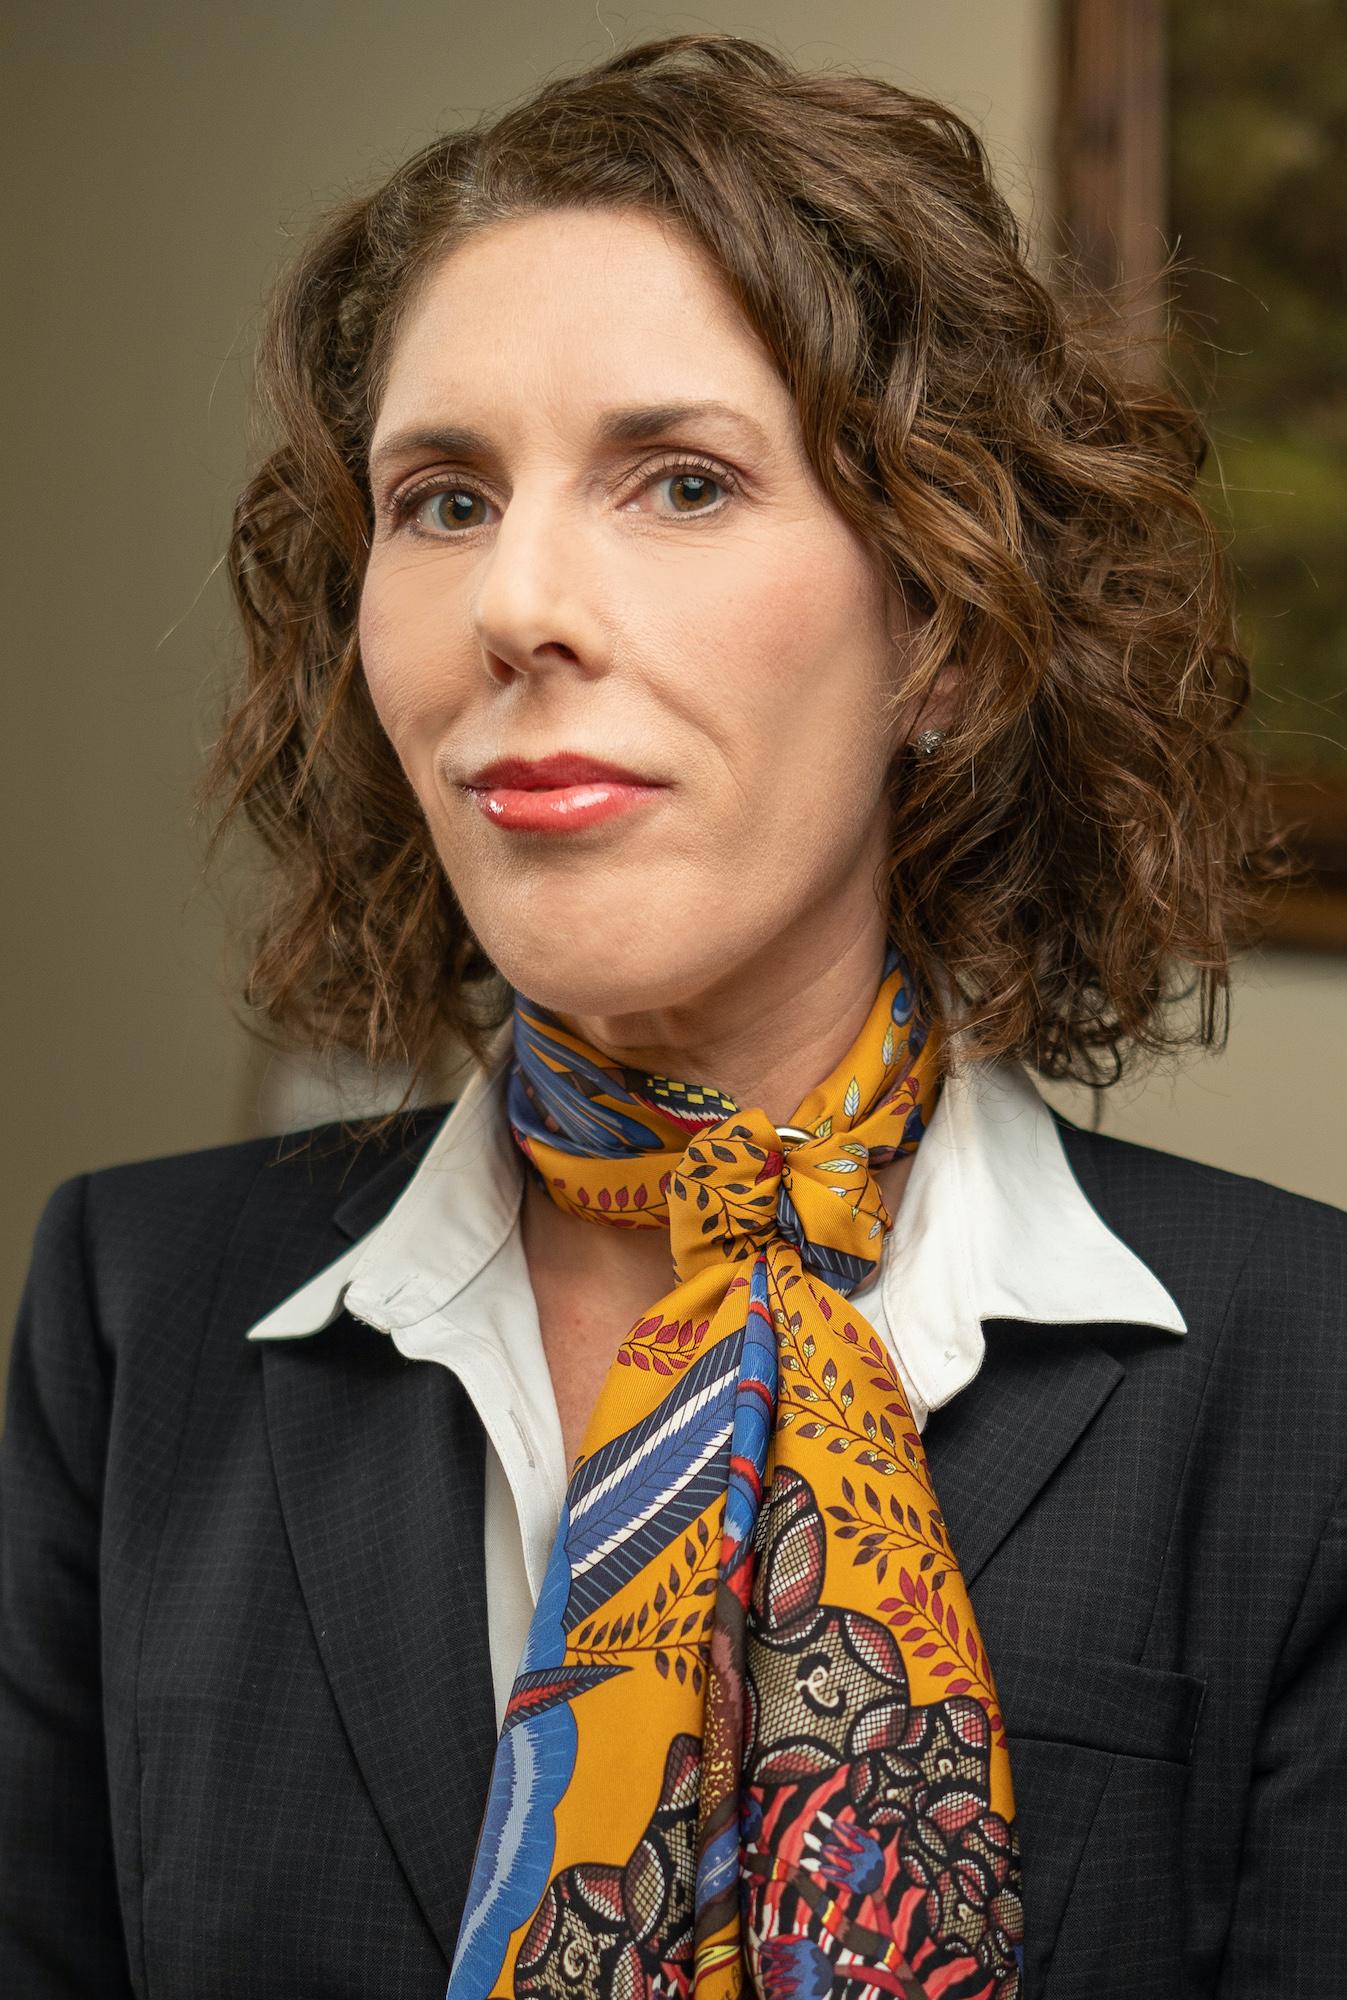 Rachel Reuter